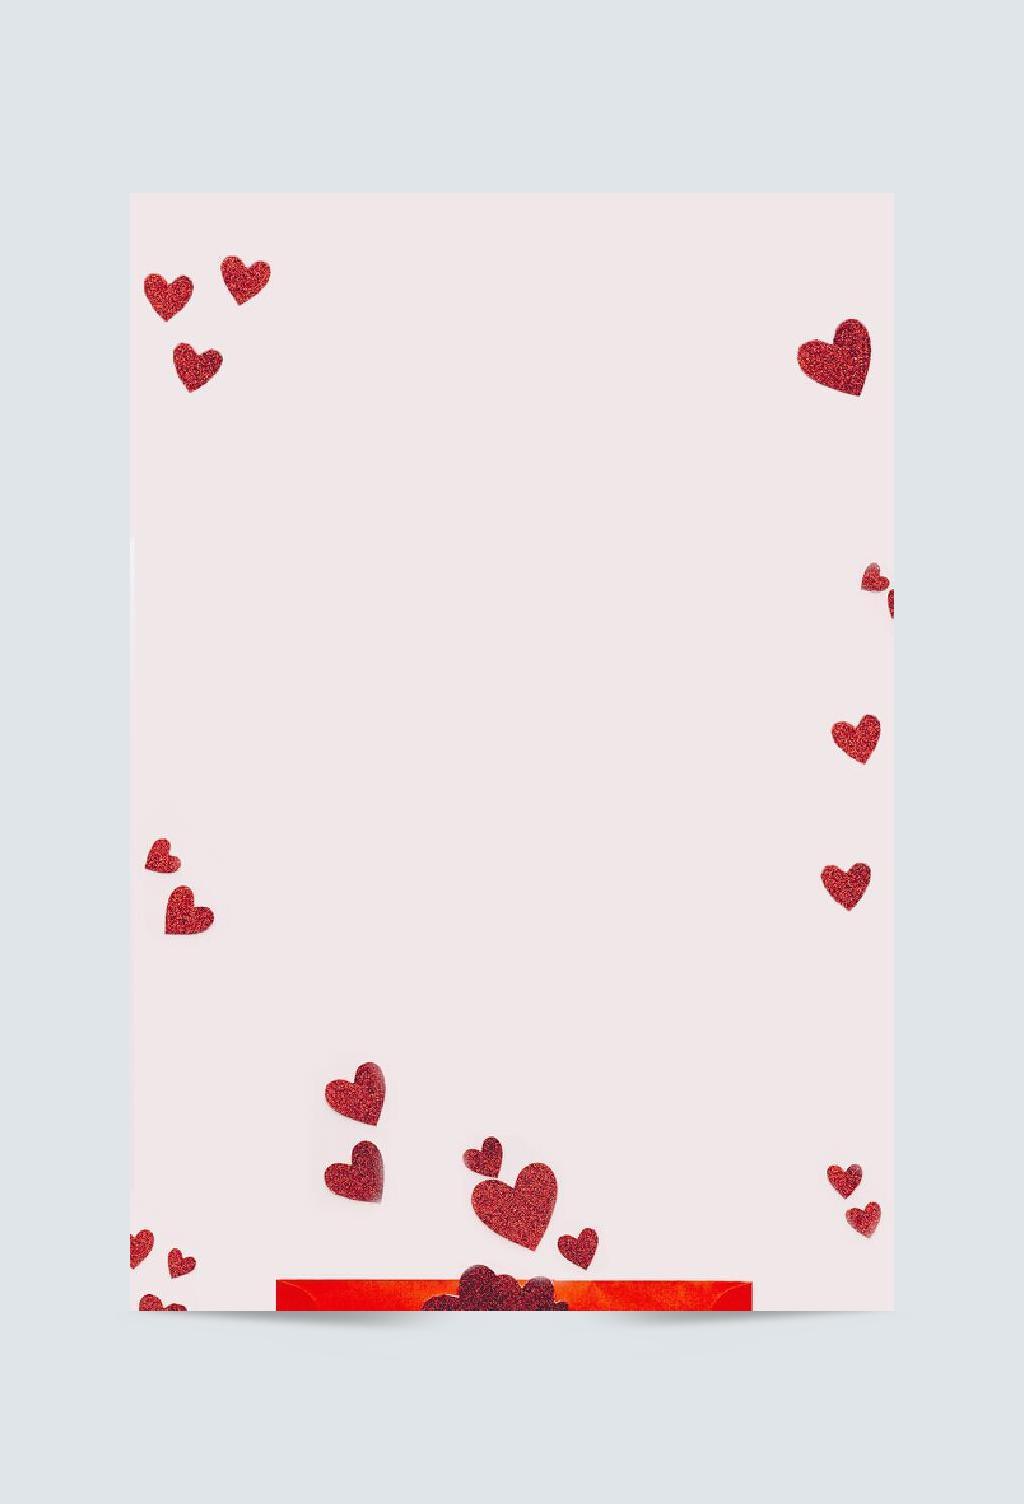 520情人节促销活动海报背景图